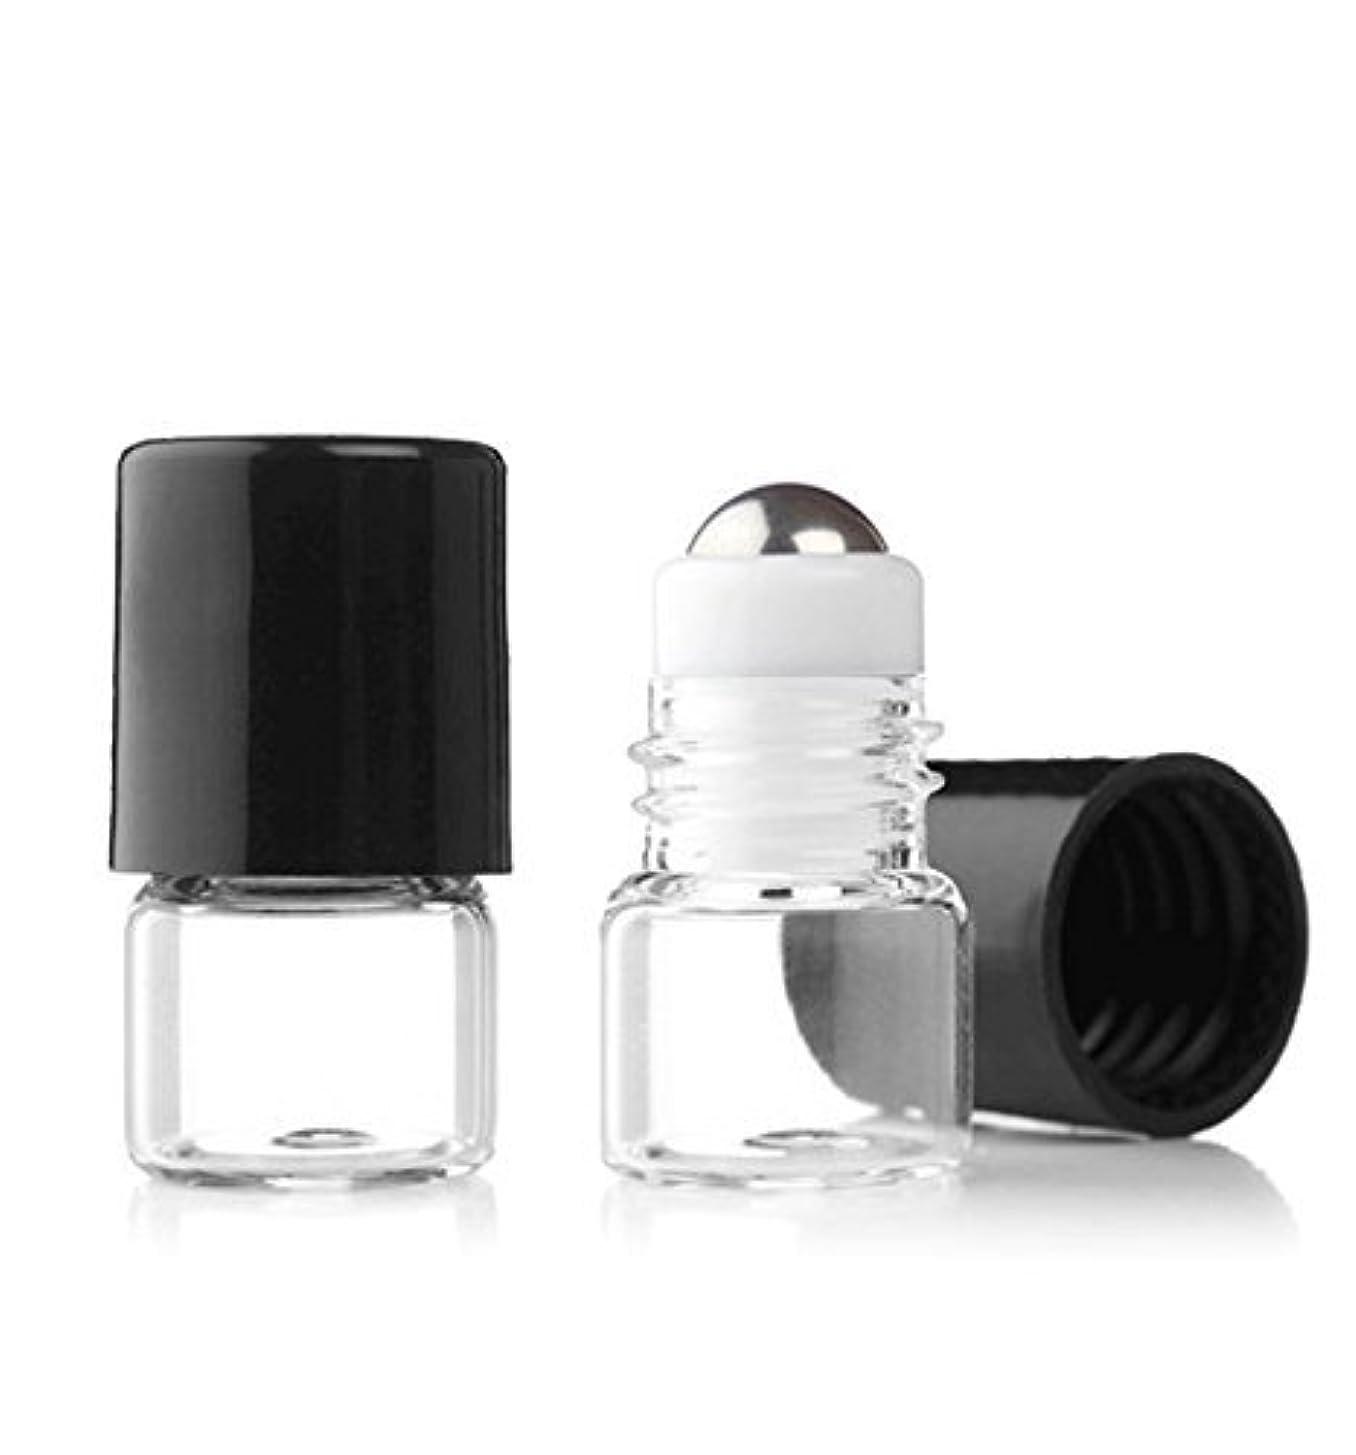 クラウド肯定的リスキーなGrand Parfums Empty 1ml Micro Mini Rollon Dram Glass Bottles with Metal Roller Balls - Refillable Aromatherapy...